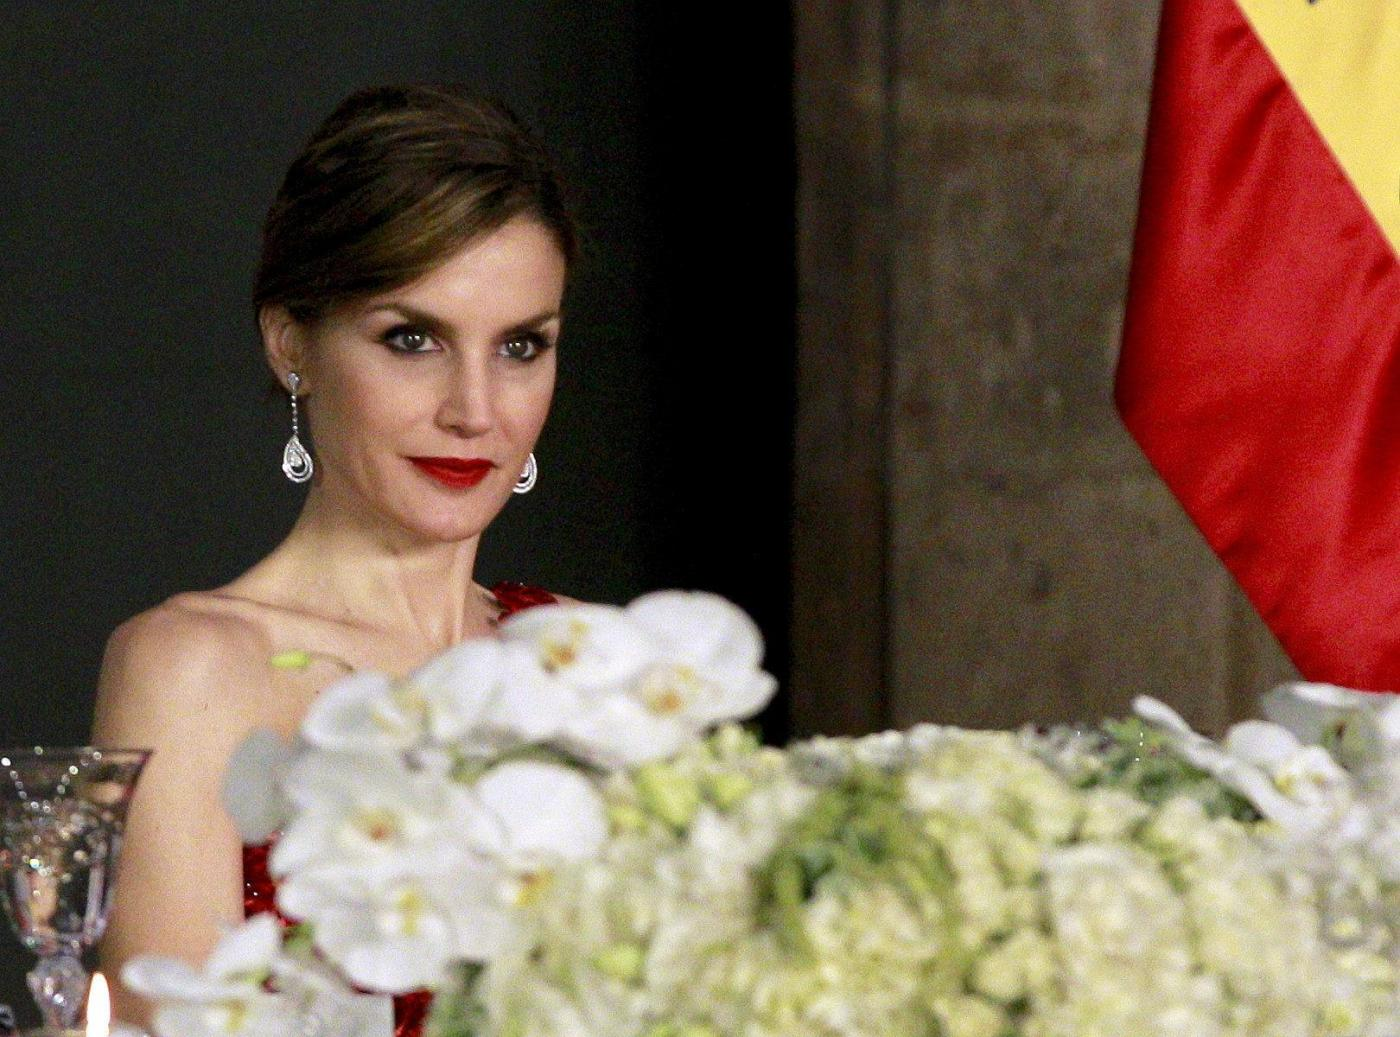 Letizia Ortiz di Spagna: abito rosso monospalla per la visita in Messico FOTO 14